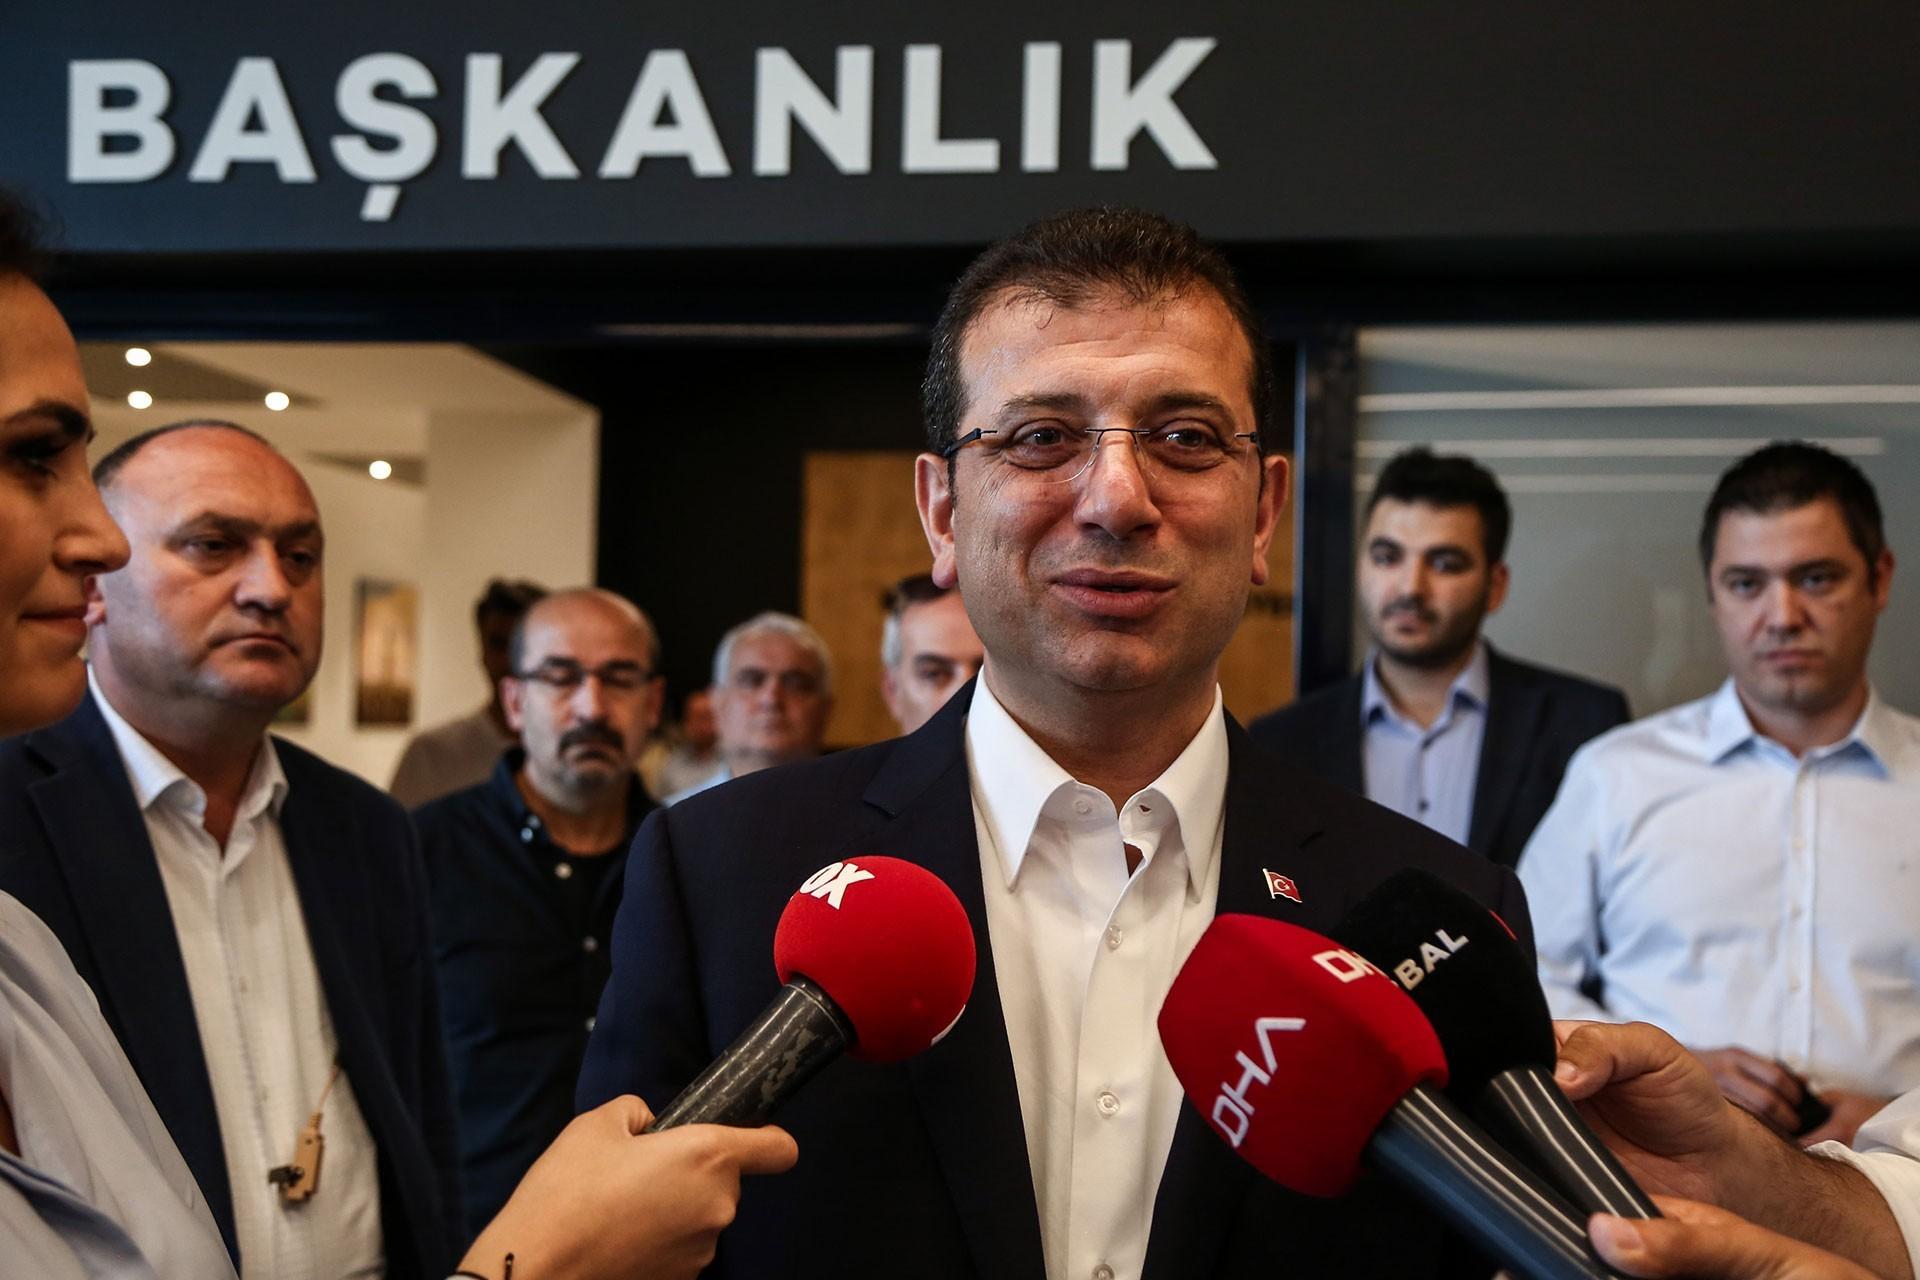 İmamoğlu'ndan istifa açıklaması:  Pazartesi günü kendilerini çağırdım